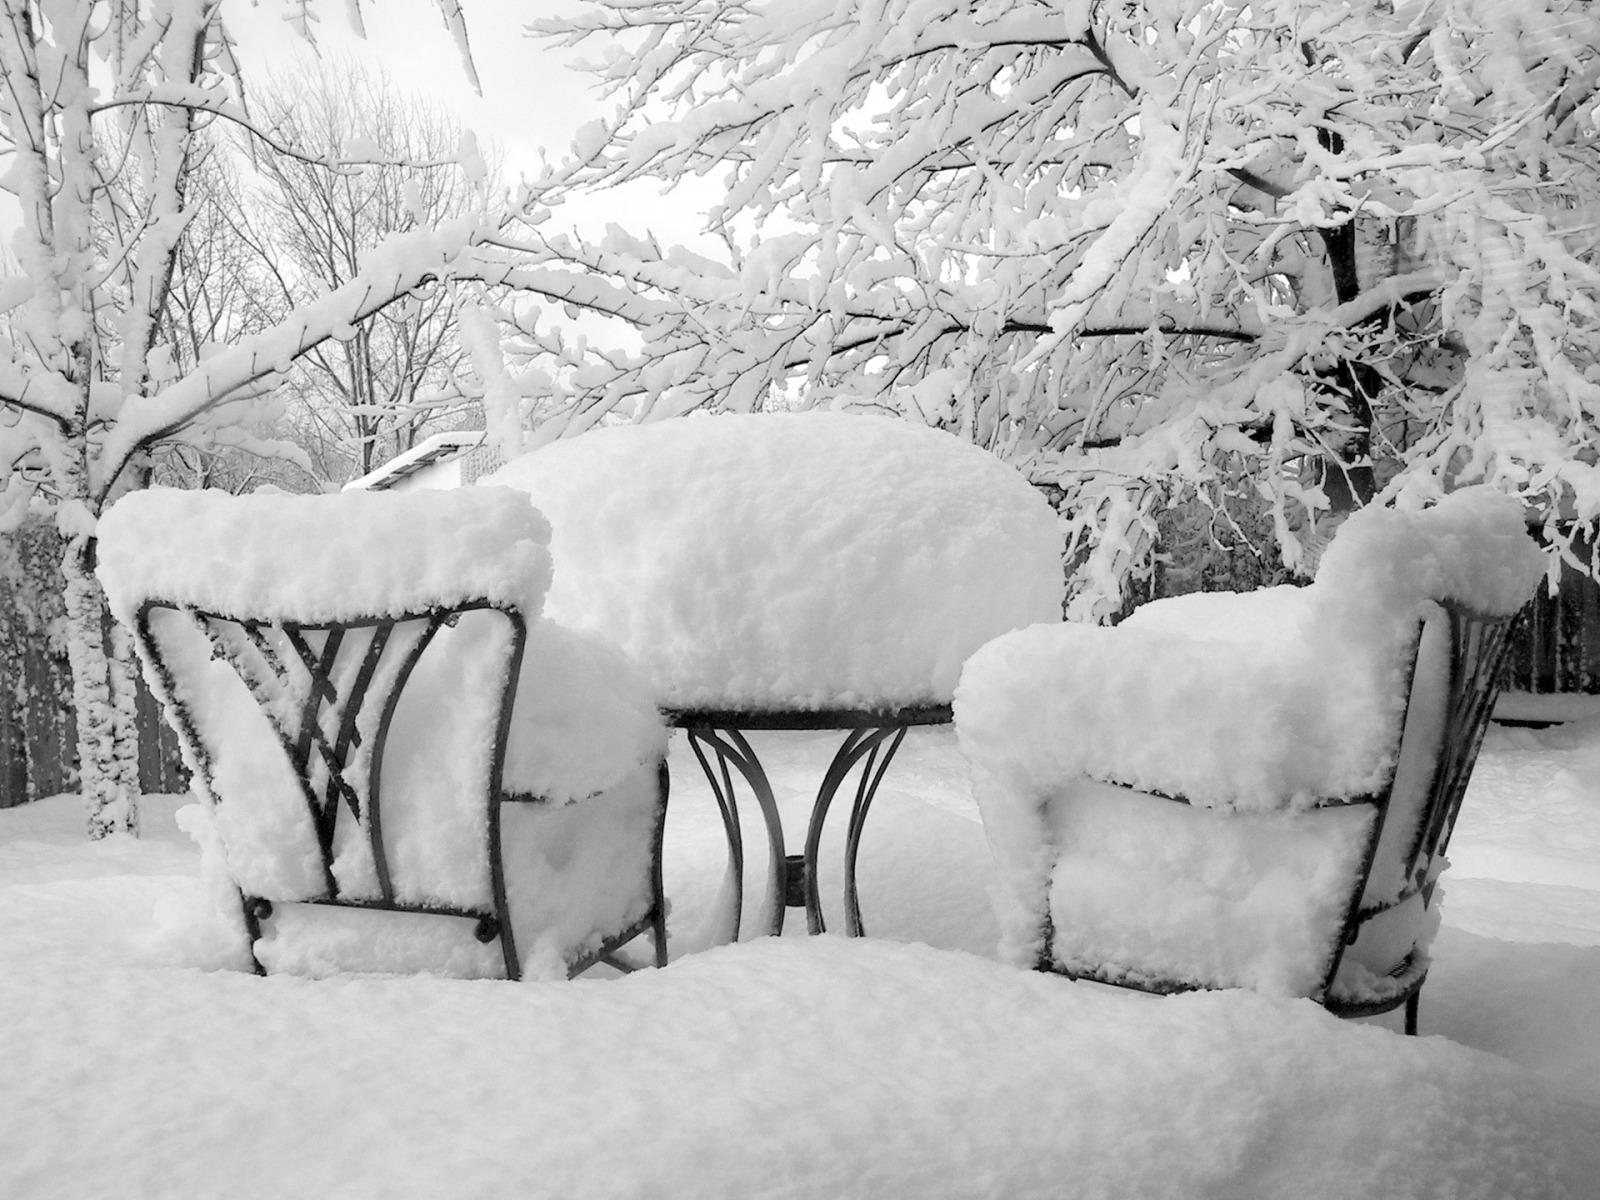 4473-chaises-et-table-sous-la-neige-WallFizz